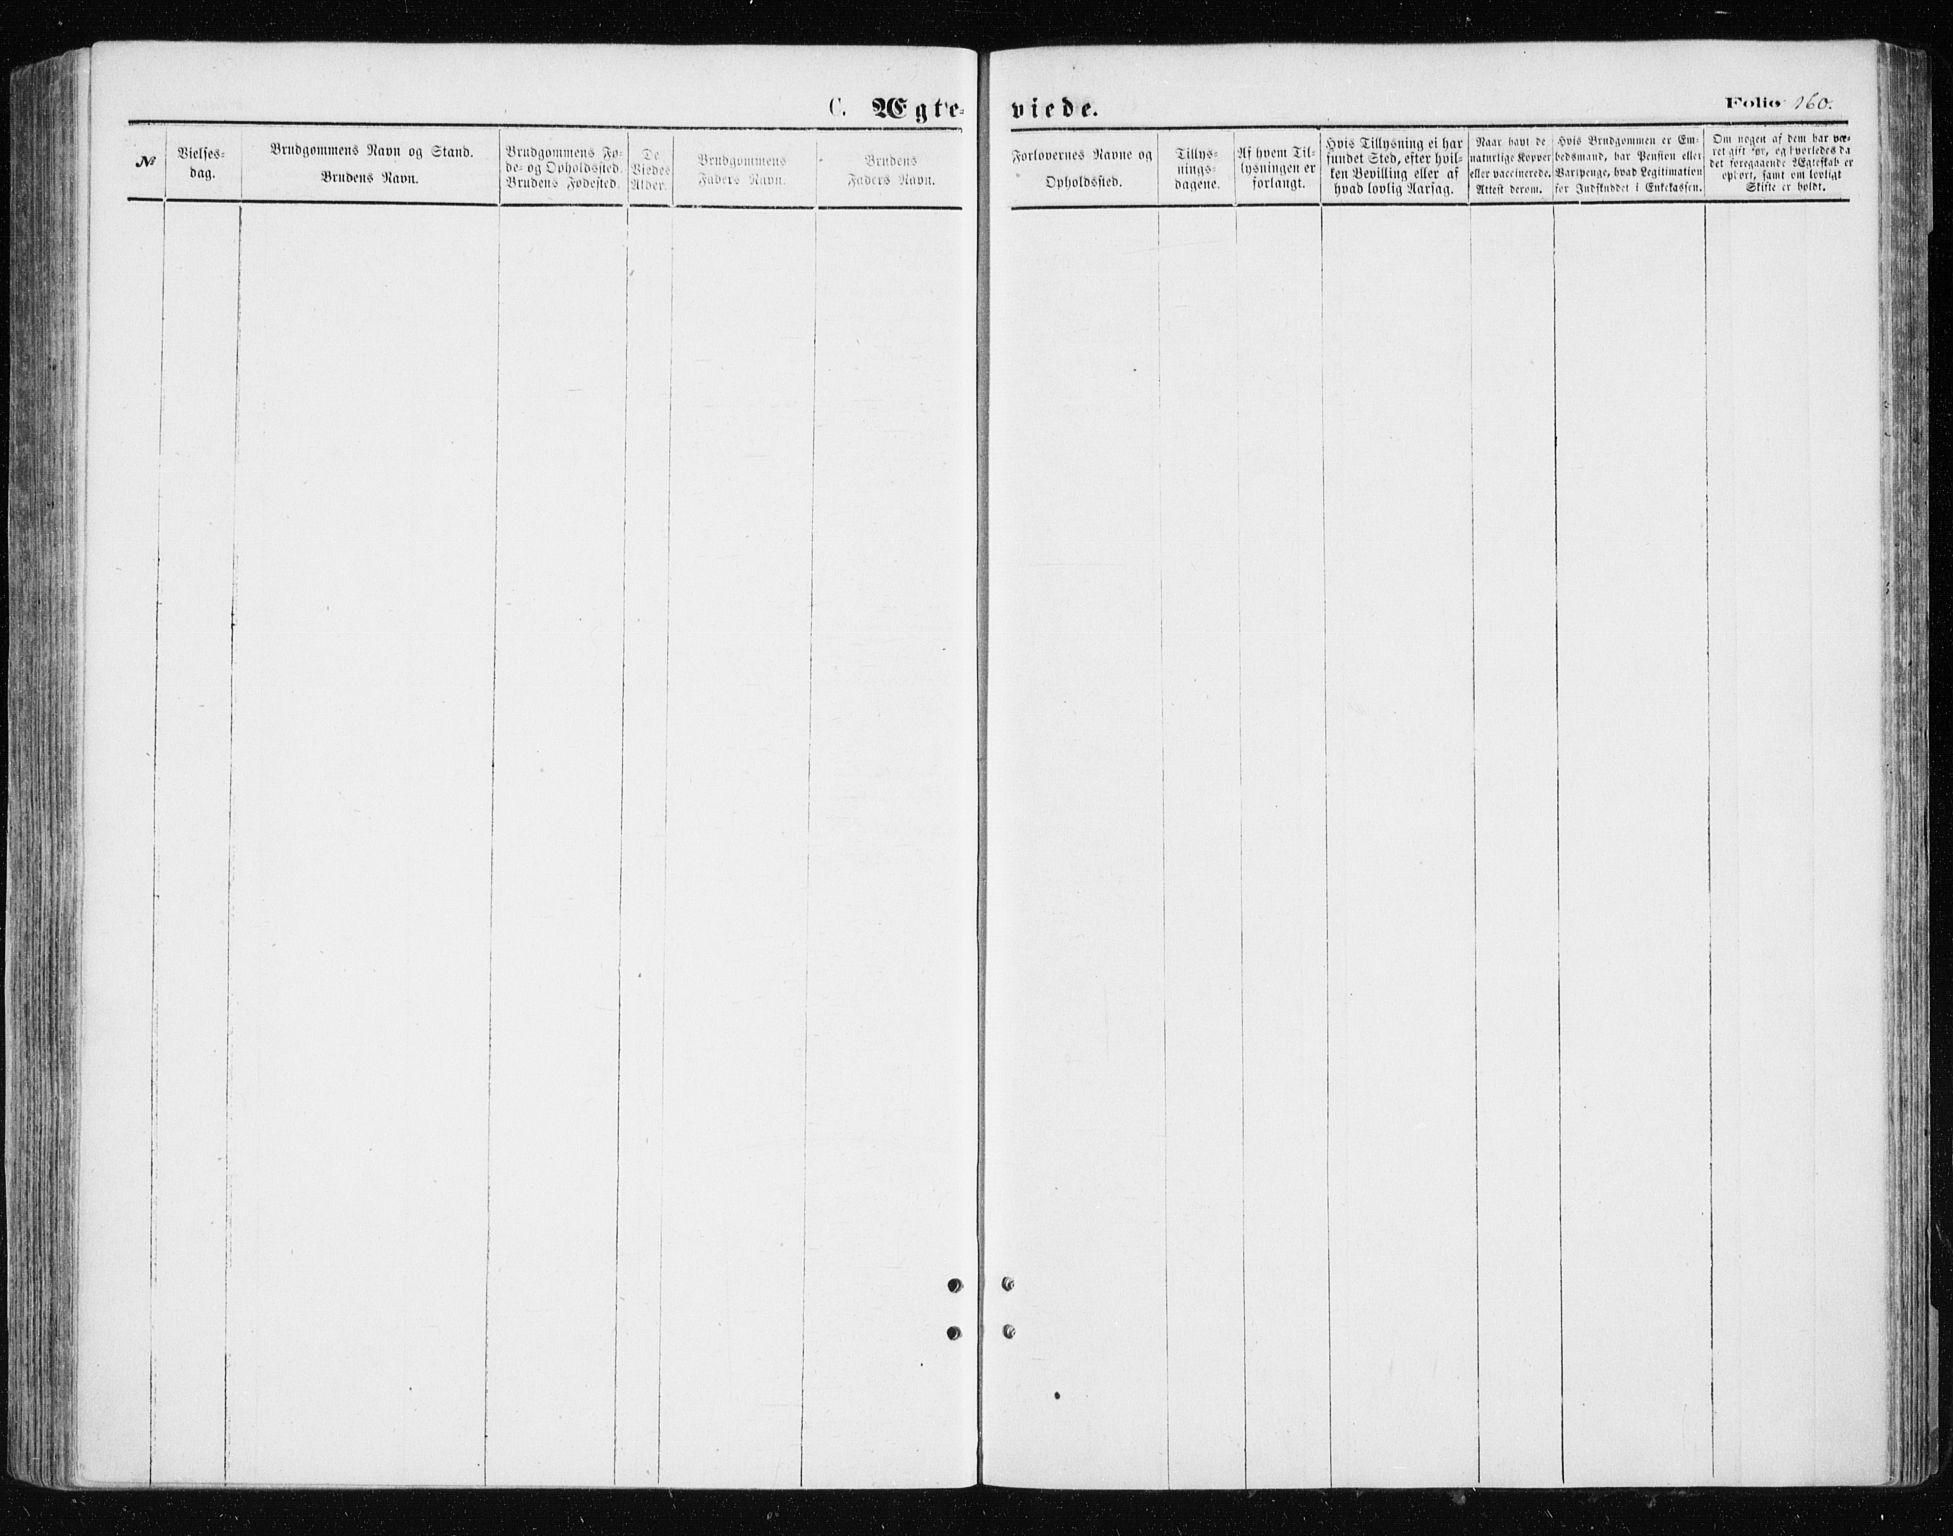 SATØ, Tromsøysund sokneprestkontor, G/Ga/L0003kirke: Parish register (official) no. 3, 1875-1880, p. 160